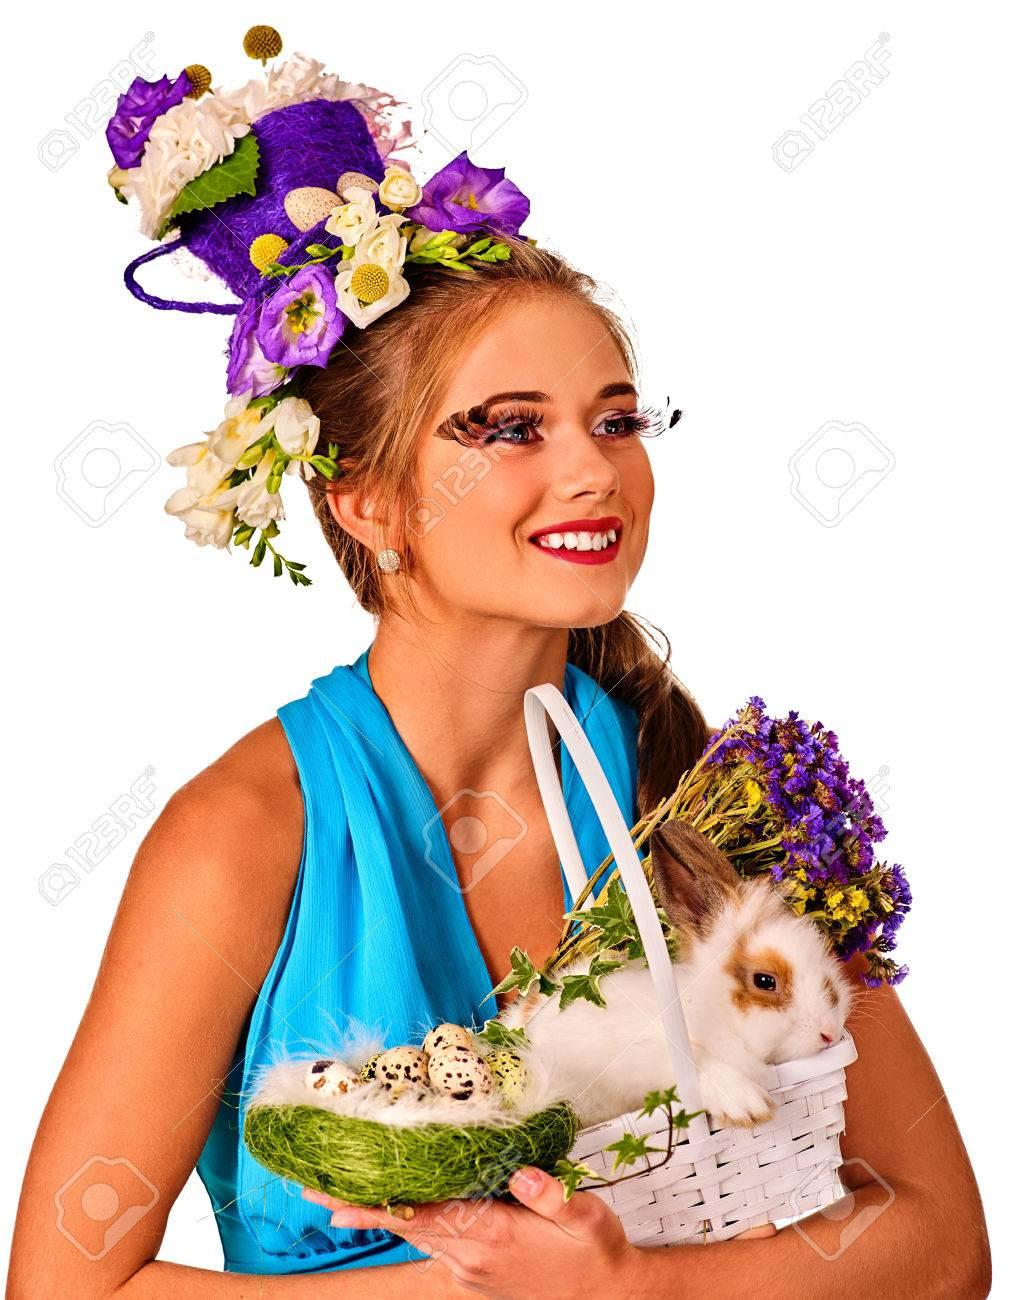 ostern-kleider für frauen. mädchen mit häschen und eier. frau in blau mit  urlaub frisur und make-up kaninchen mit blumen im korb halten. erwachsene  am